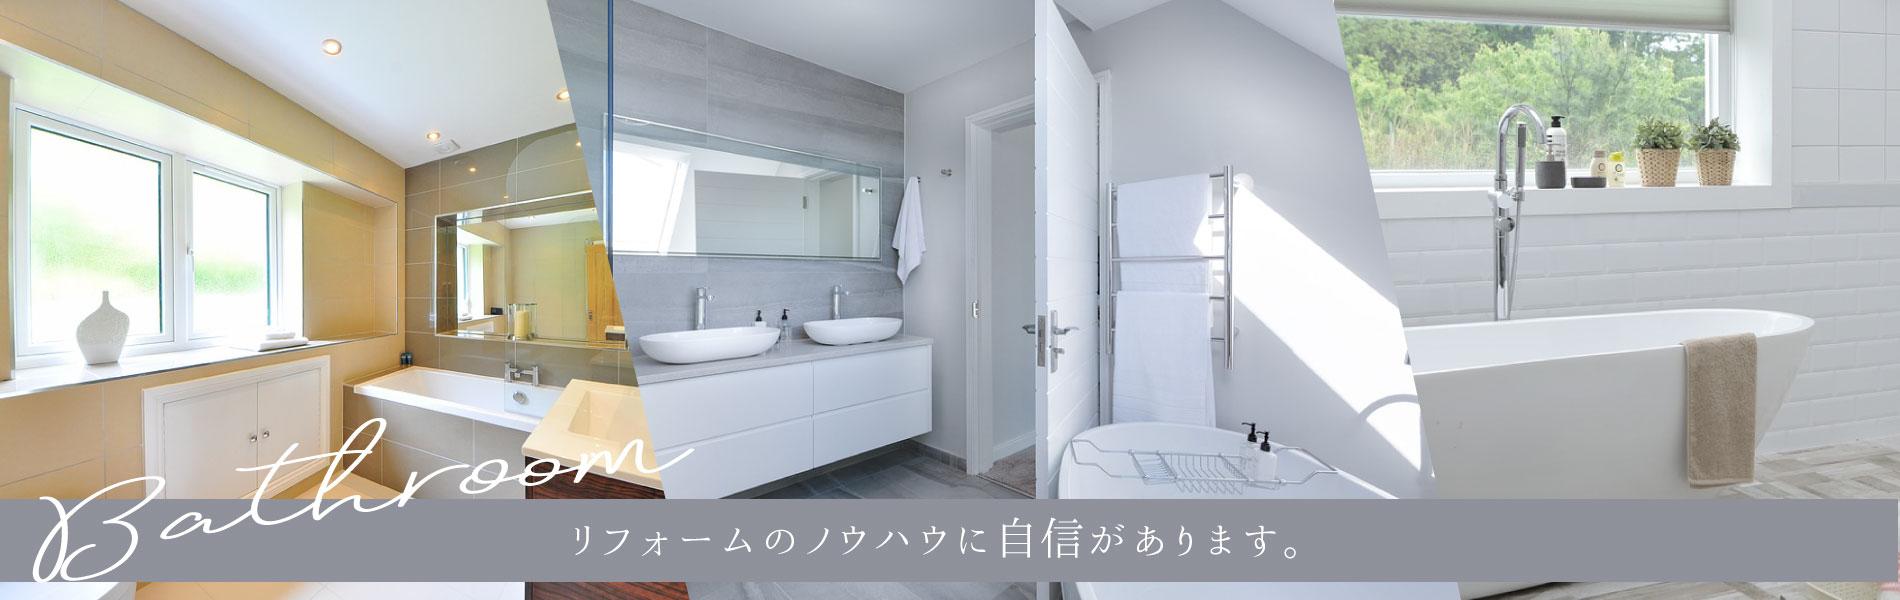 お風呂のリフォームのノウハウに自信があります。